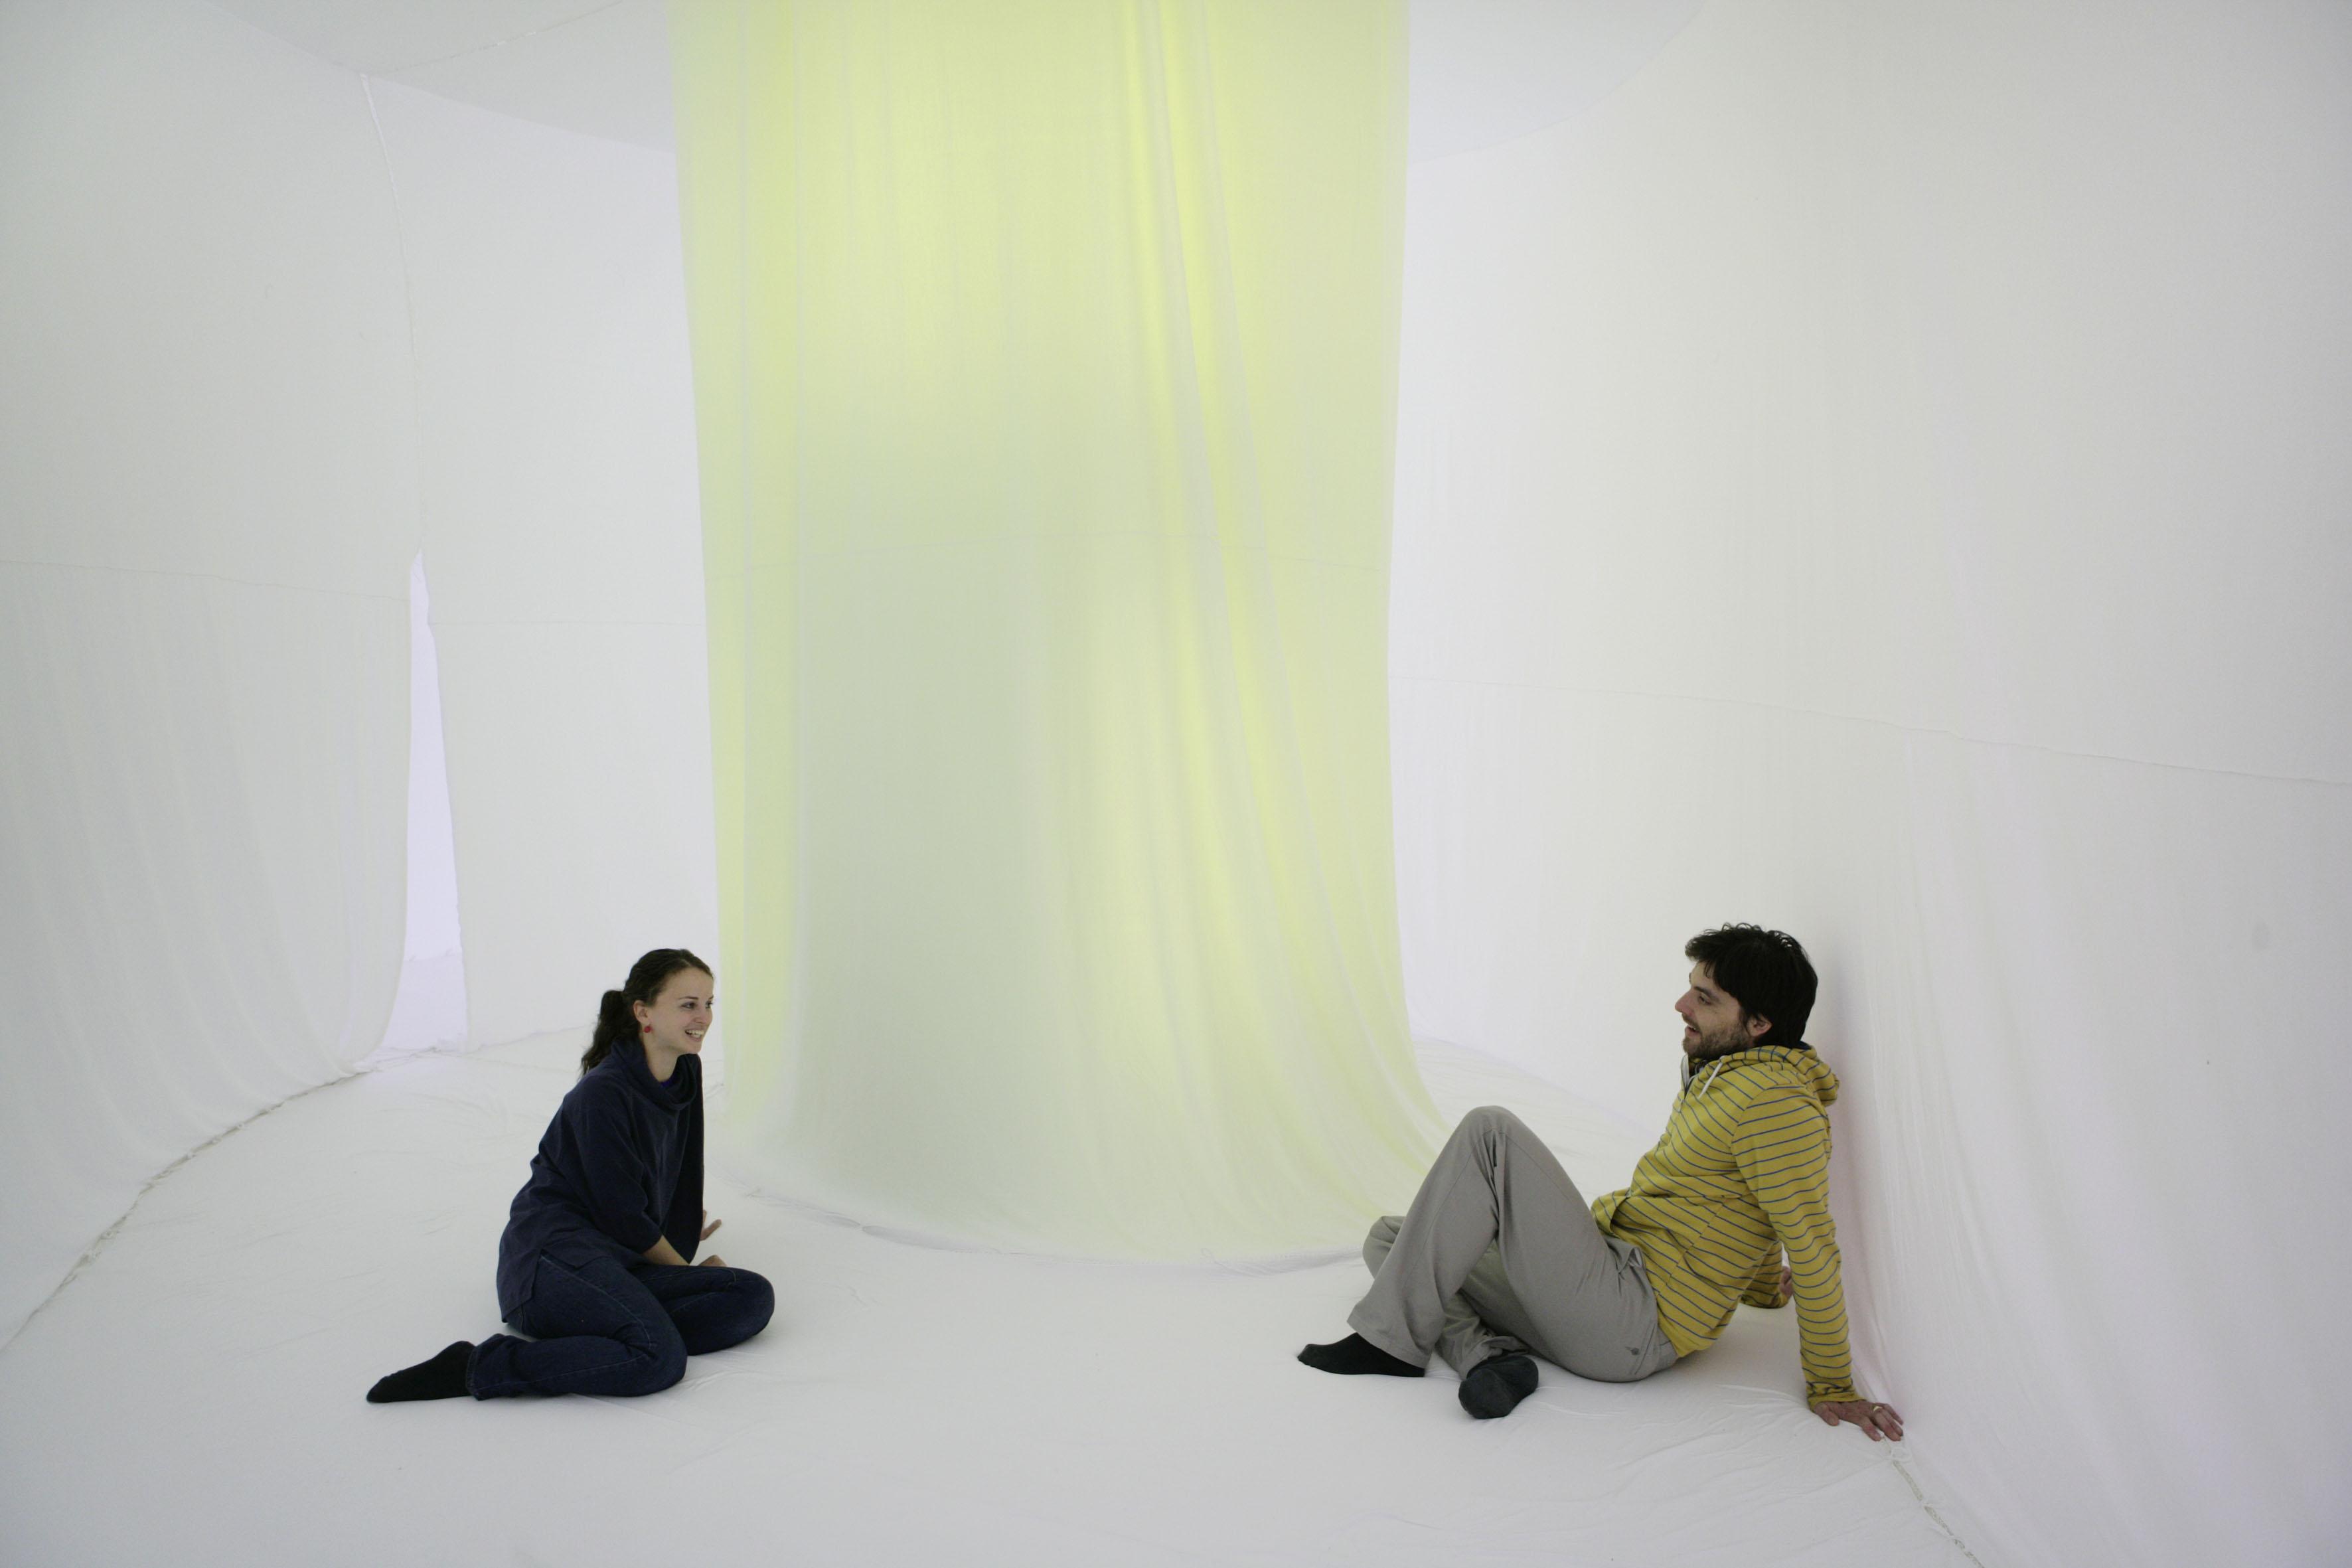 Ernesto Neto, Two Columns for one Bubble Light, 2007 dzięki uprzejmości artysty i Galerie Max Hetzler, Berlin Foto: def image